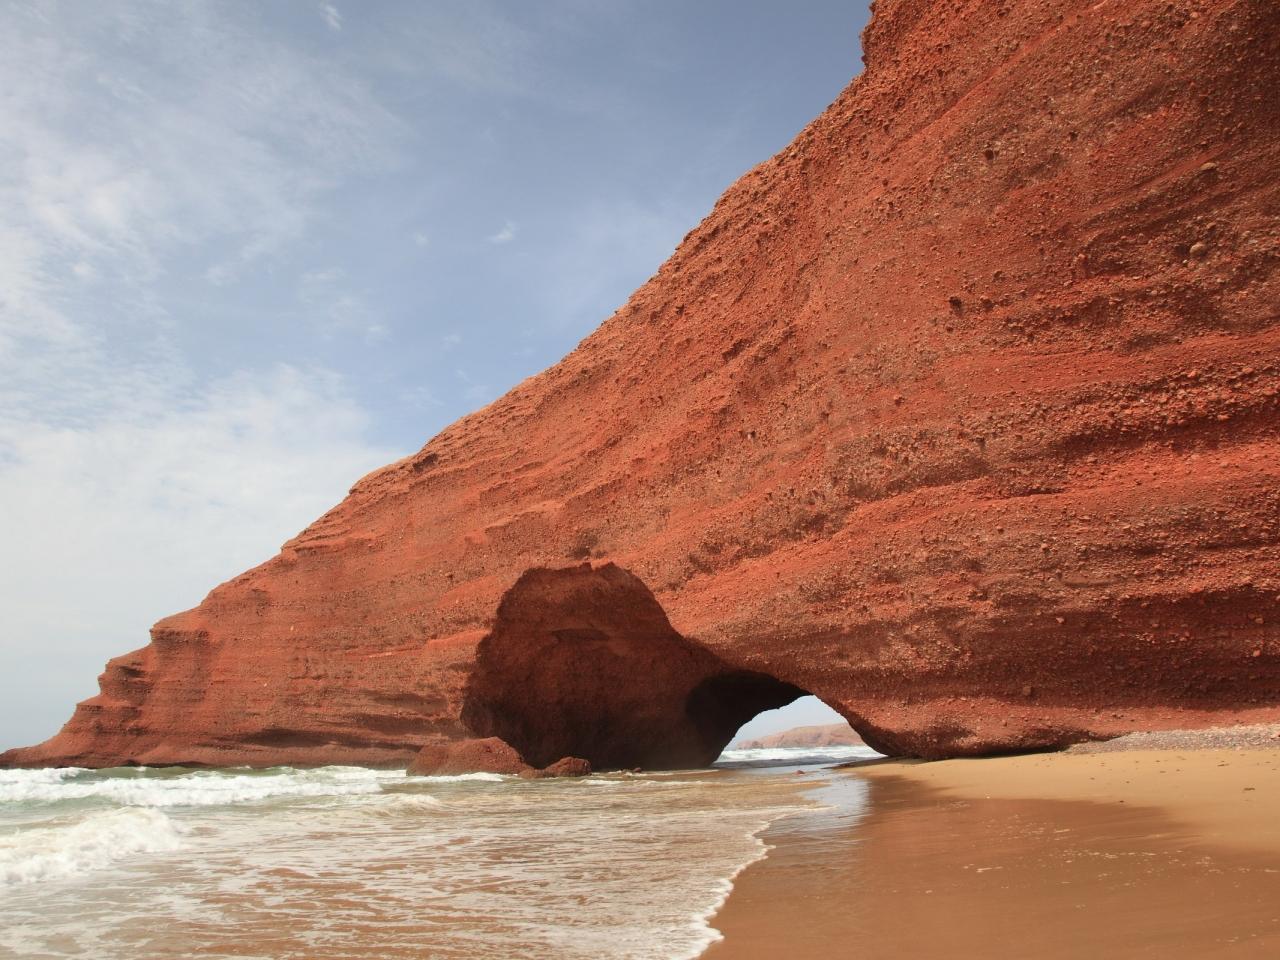 Cuevas en las playas - 1280x960